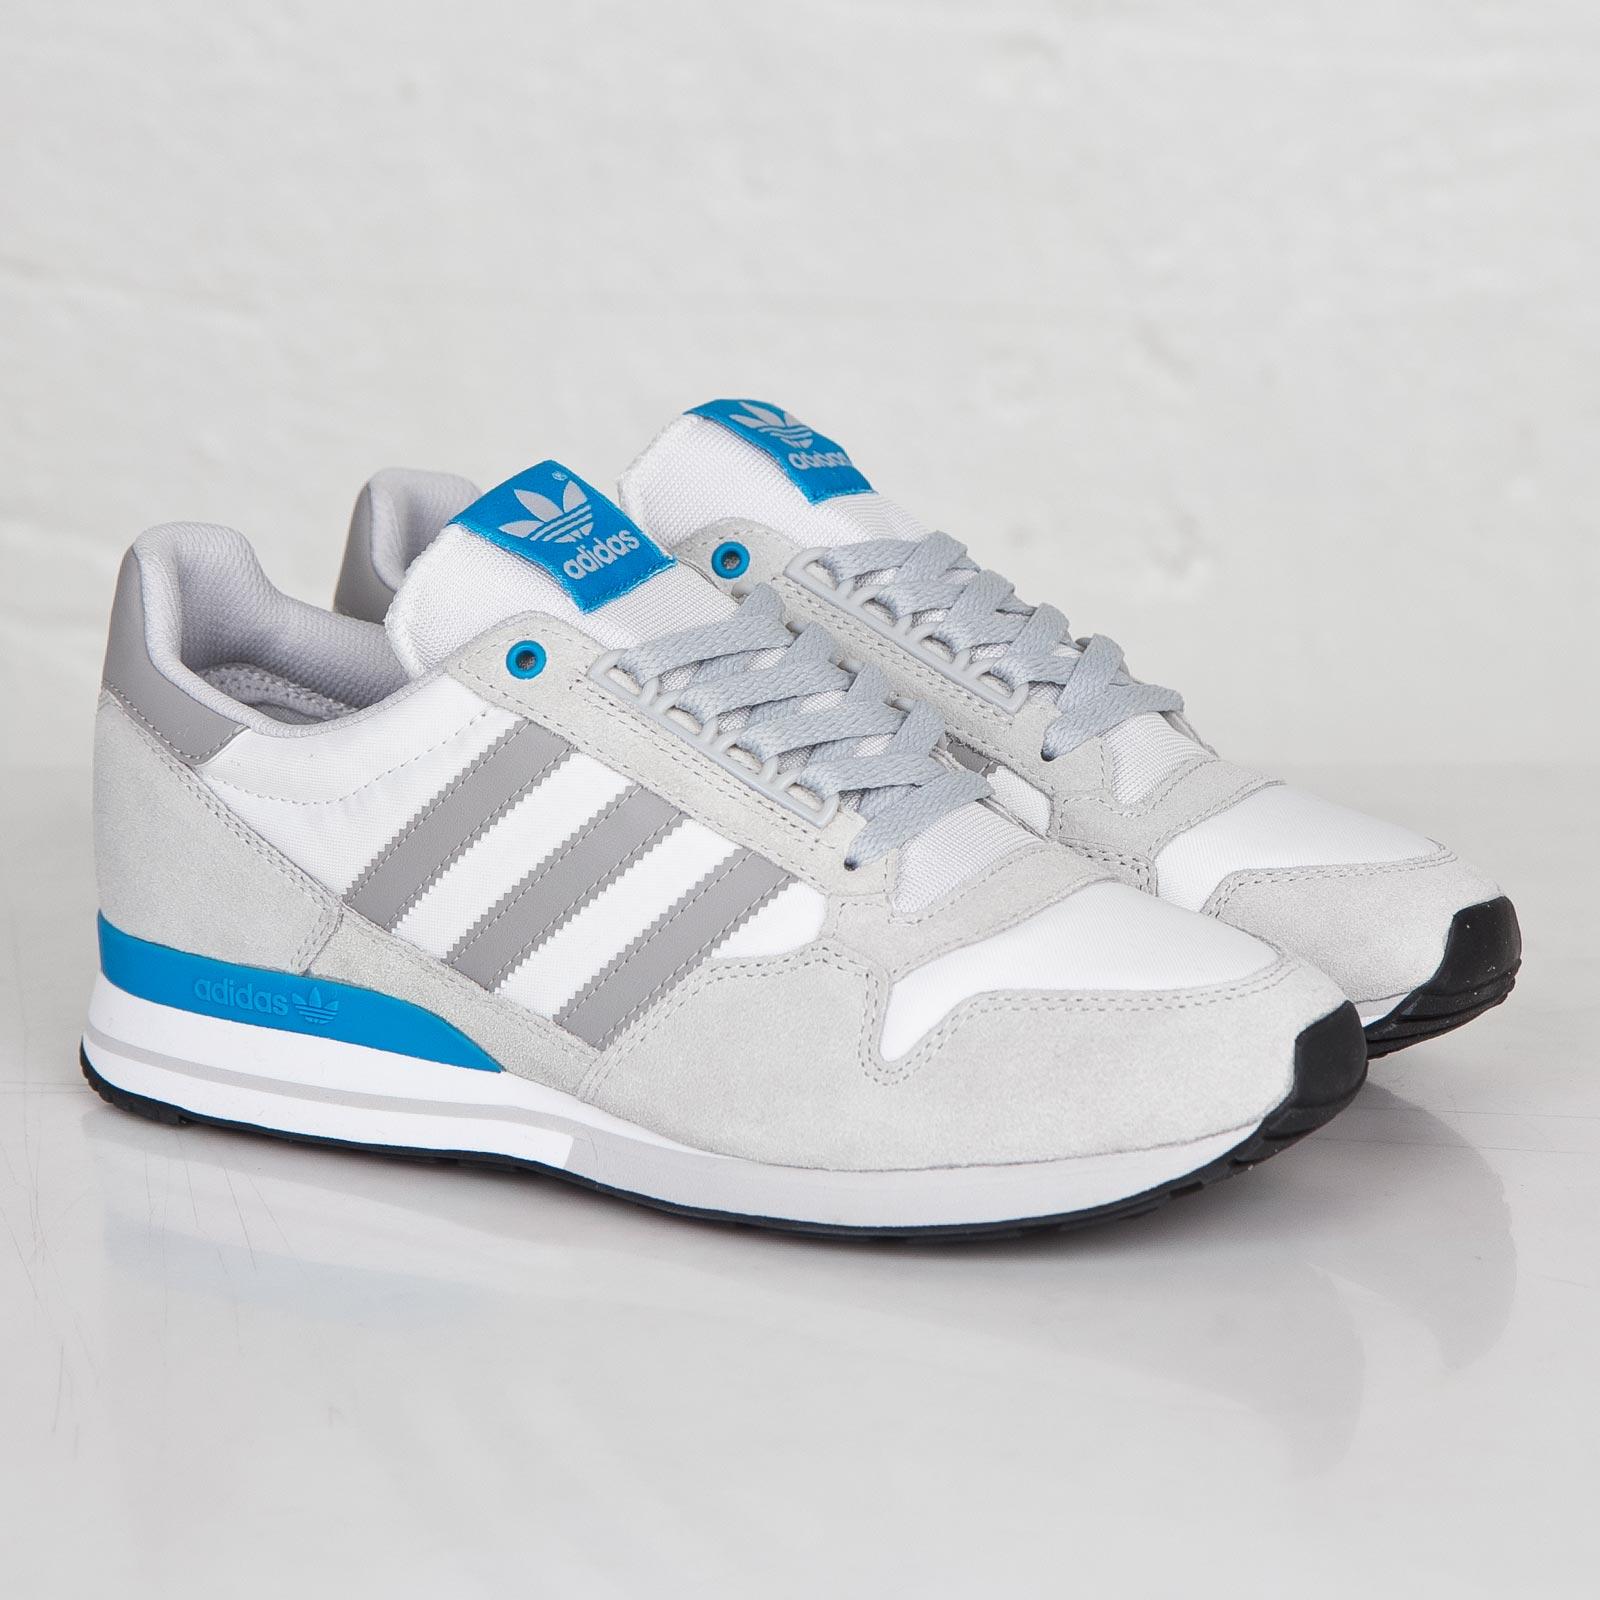 57b2dec742025 adidas ZX 500 OG - M25393 - Sneakersnstuff